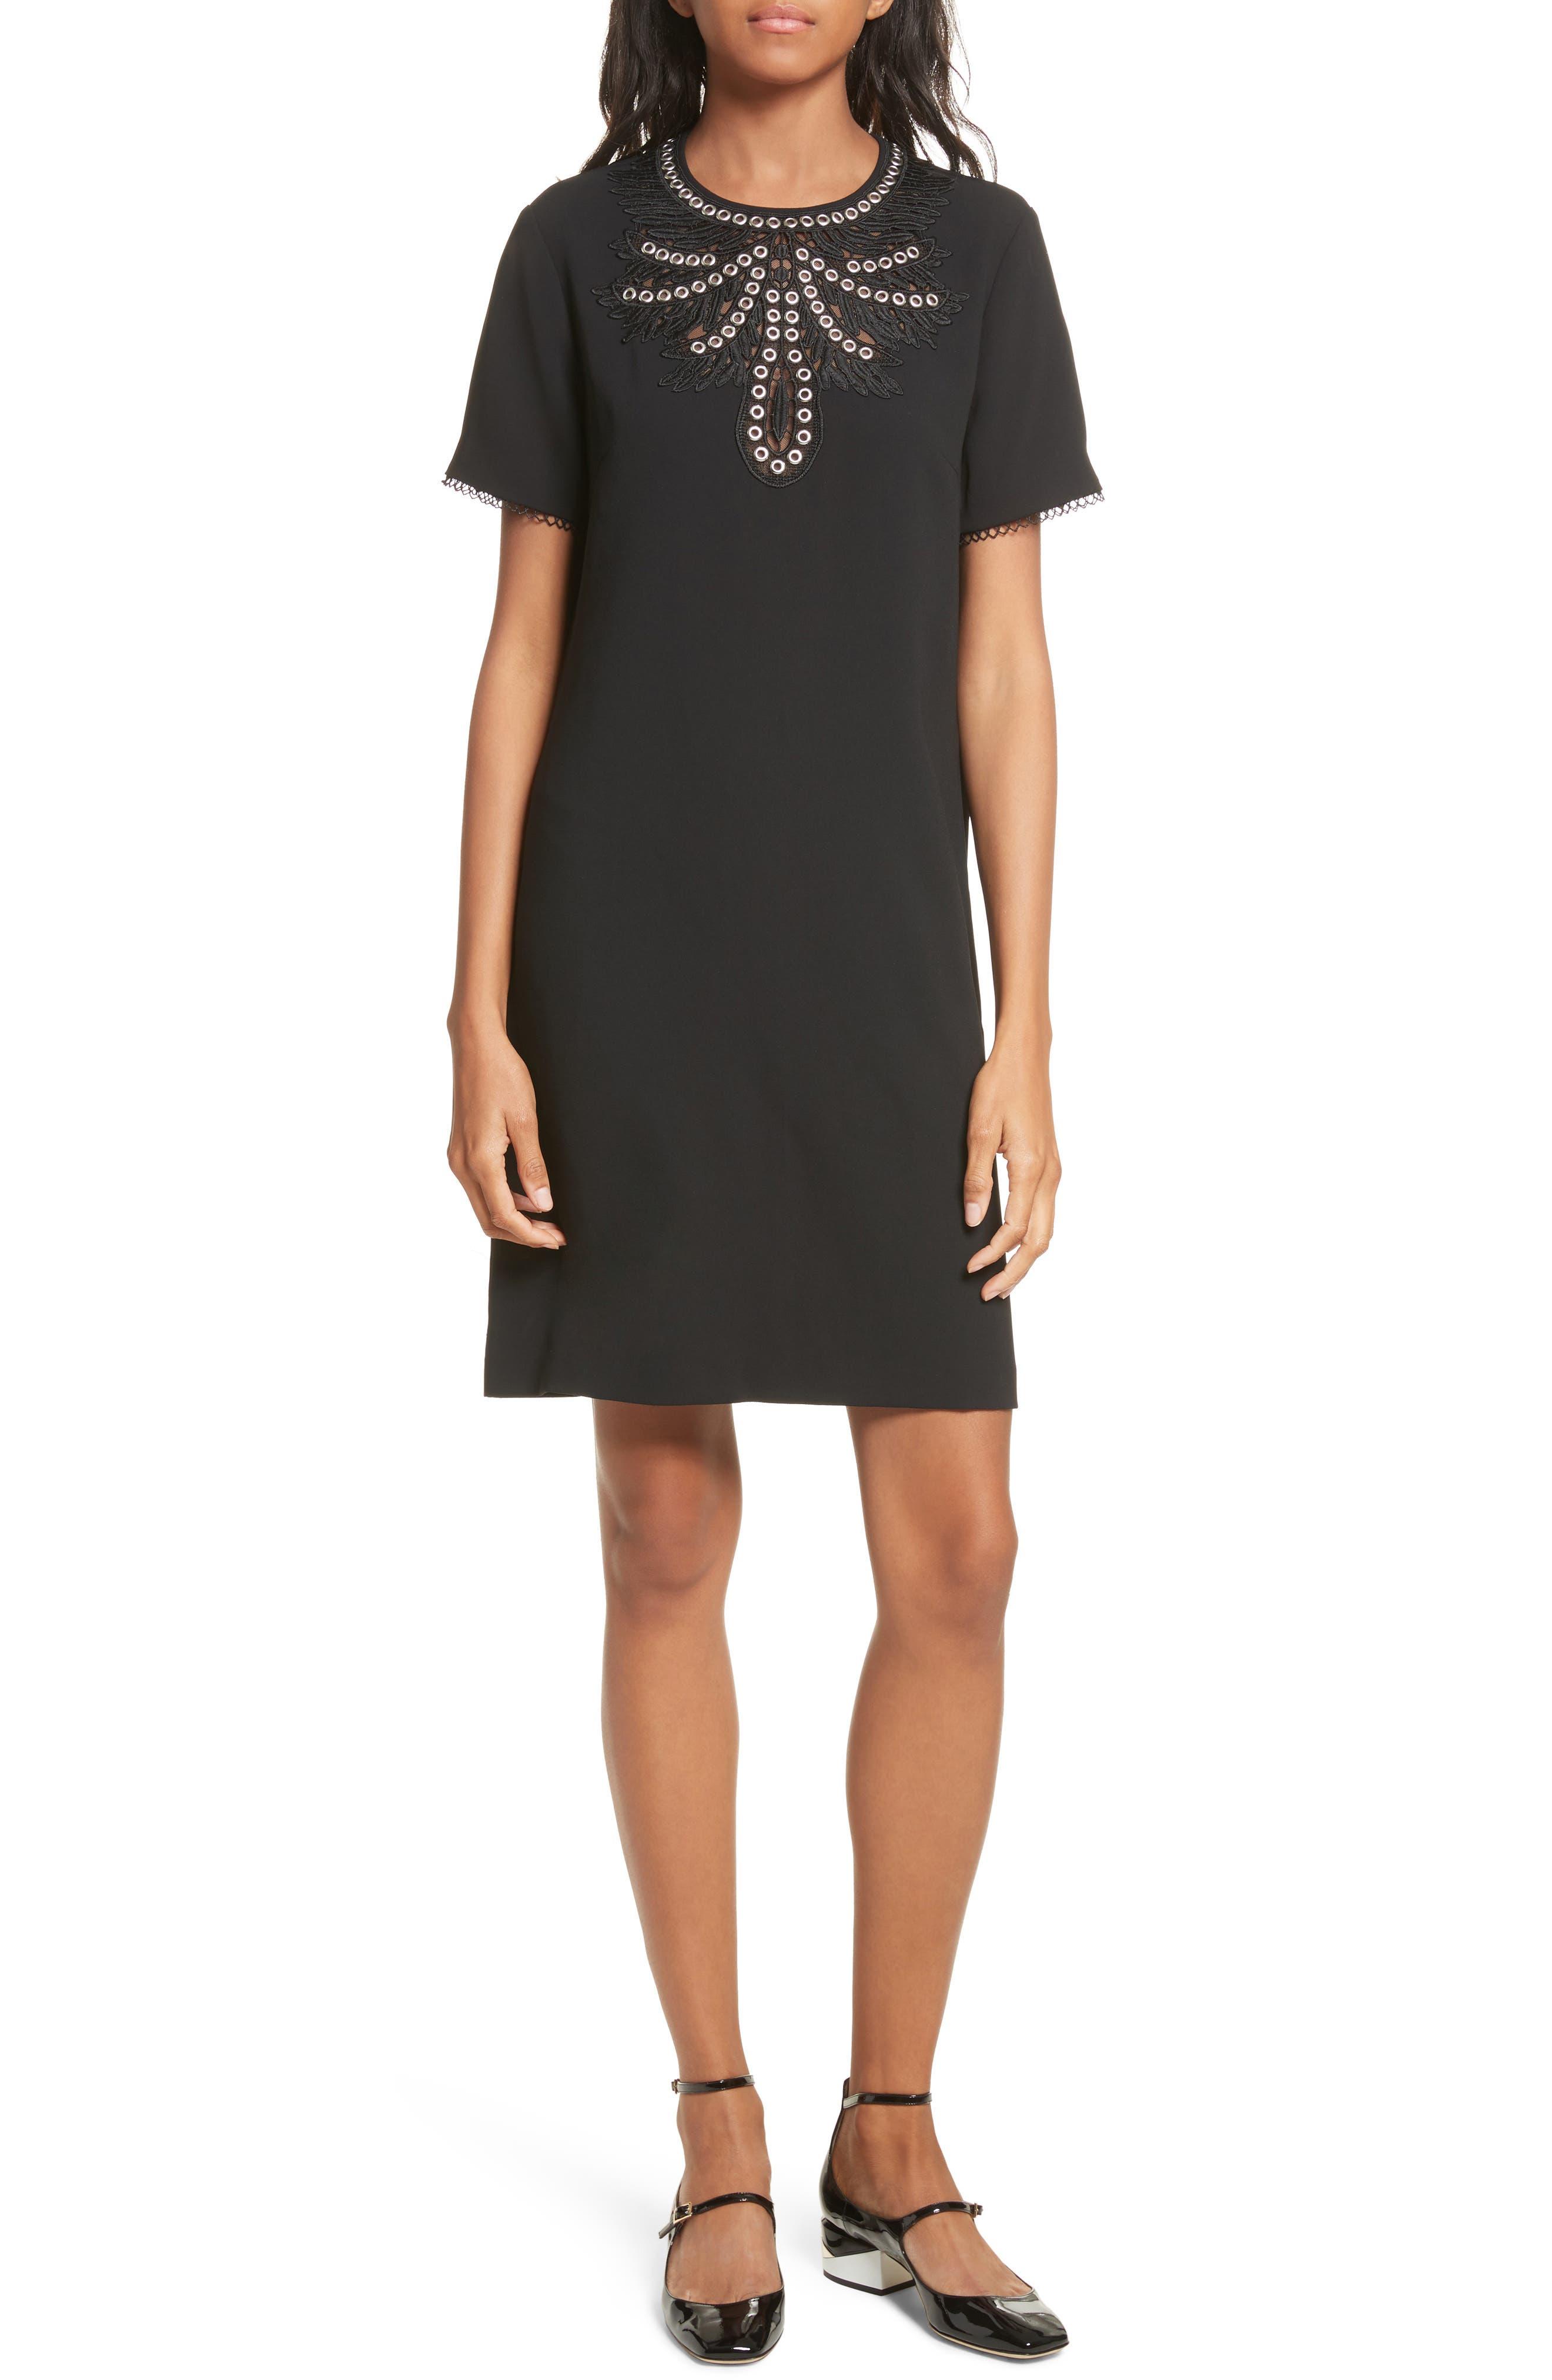 The Kooples Embellished Crepe Dress